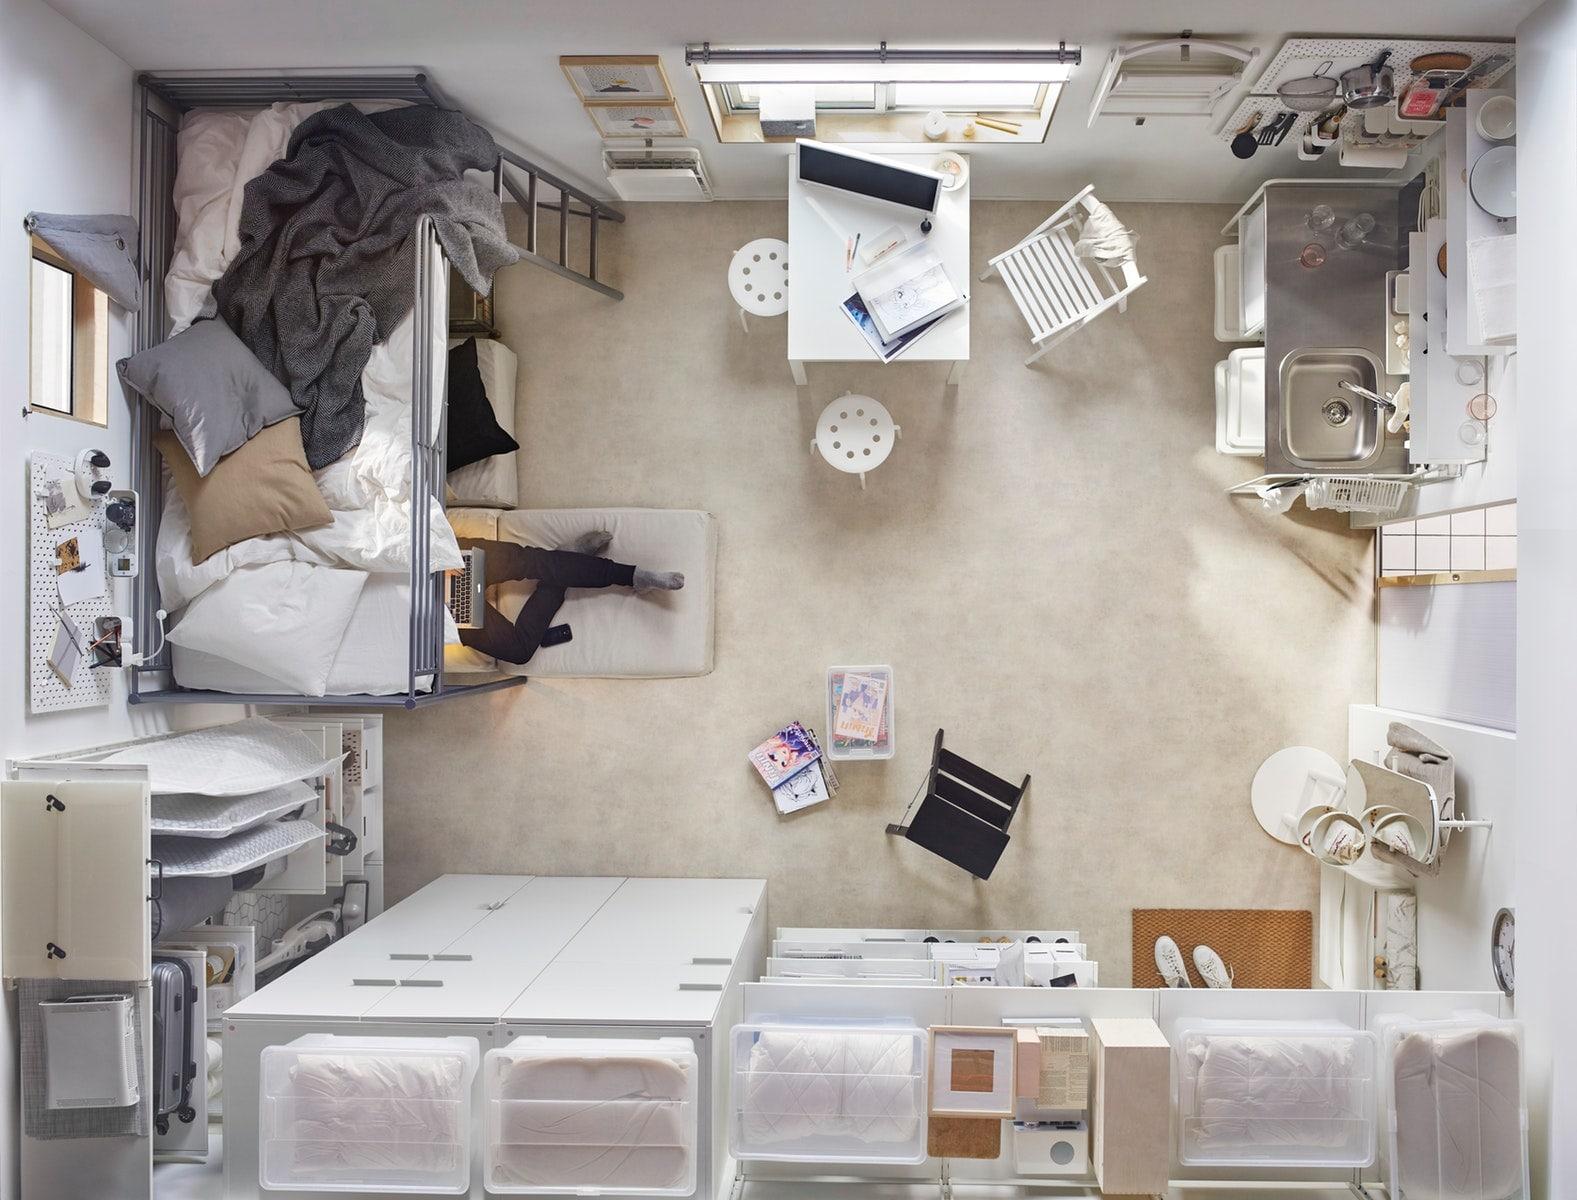 cara menata kamar kos yang sempit